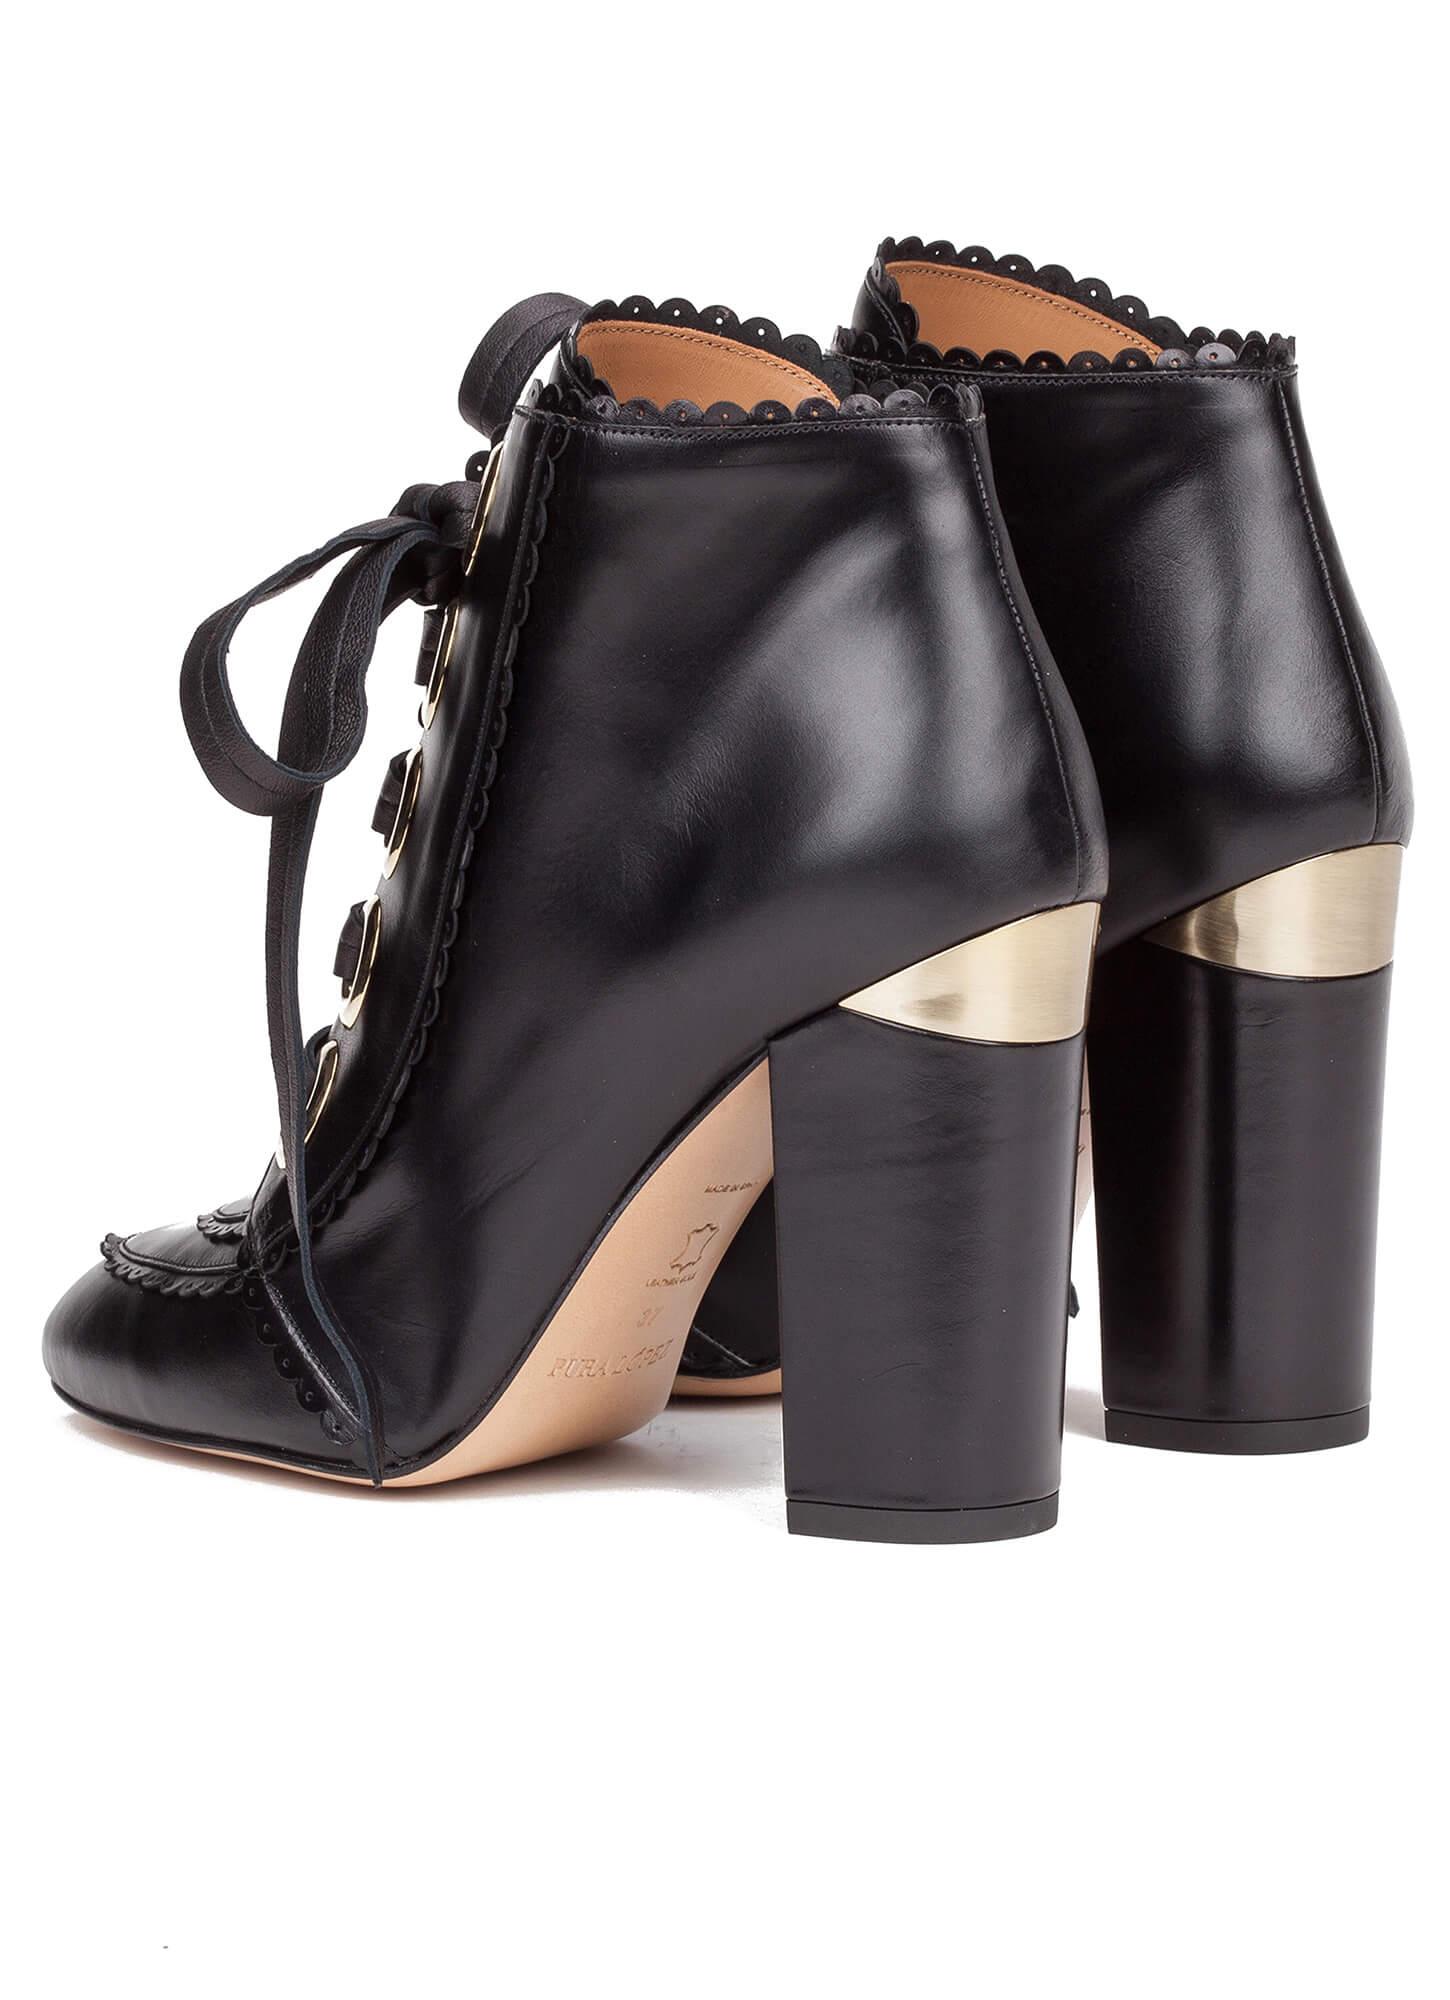 2d3cf1fdc2efd Black lace-up heeled ankle boots - online shoe store Pura Lopez. Lucie Pura  López